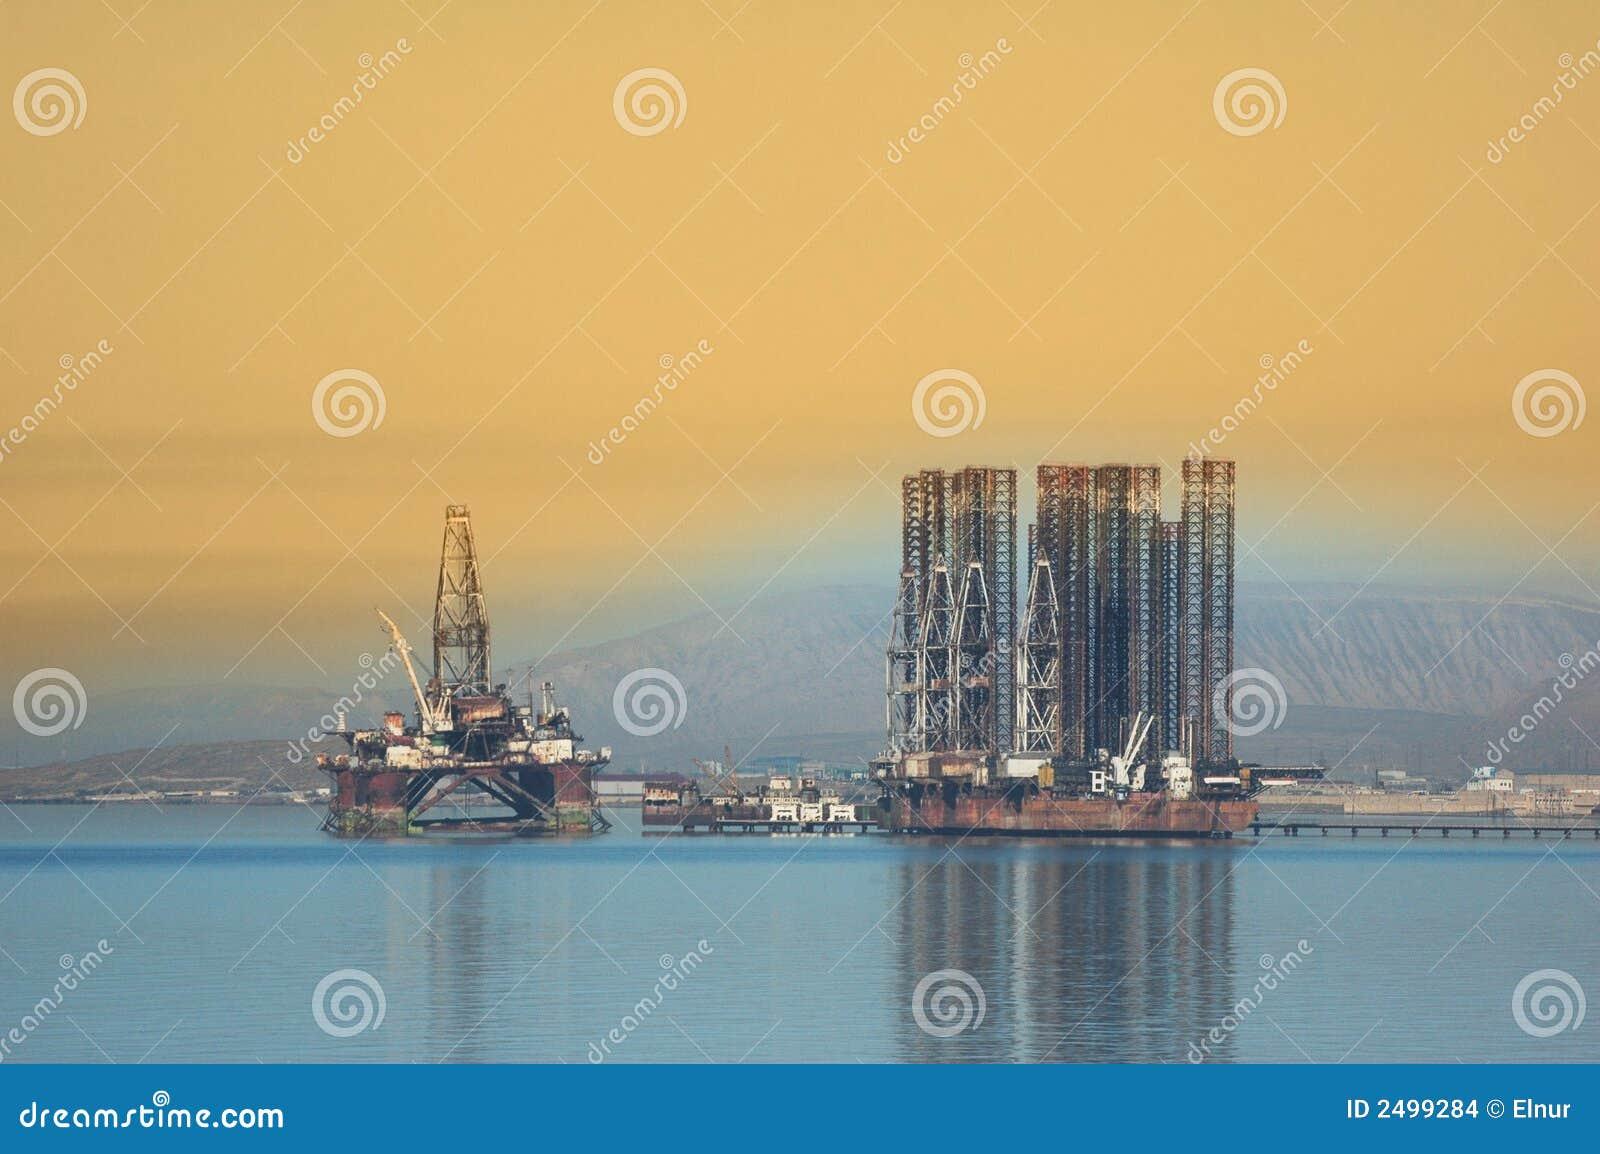 Zwei Offshoreanlagen in kaspischem